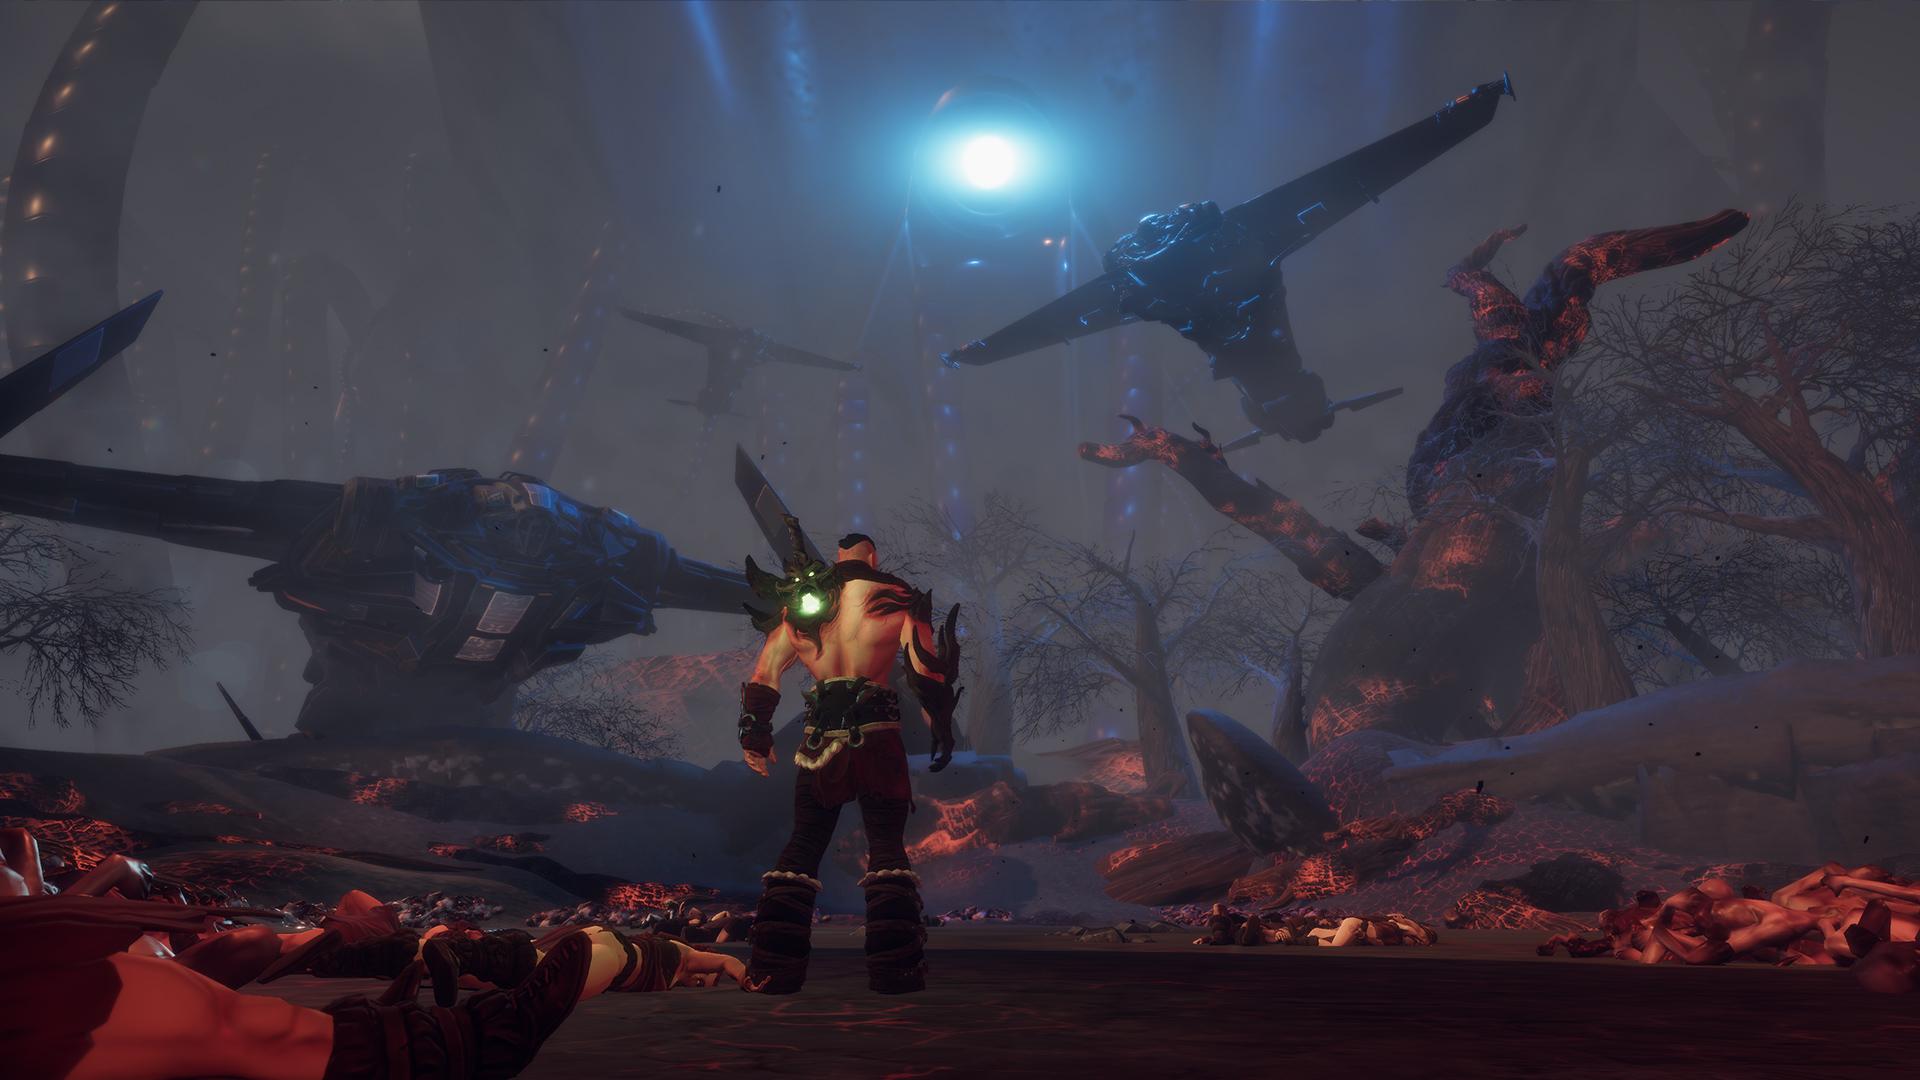 动作游戏《狂战士》预告 胸猛战士暴力杀戮内脏满天飞